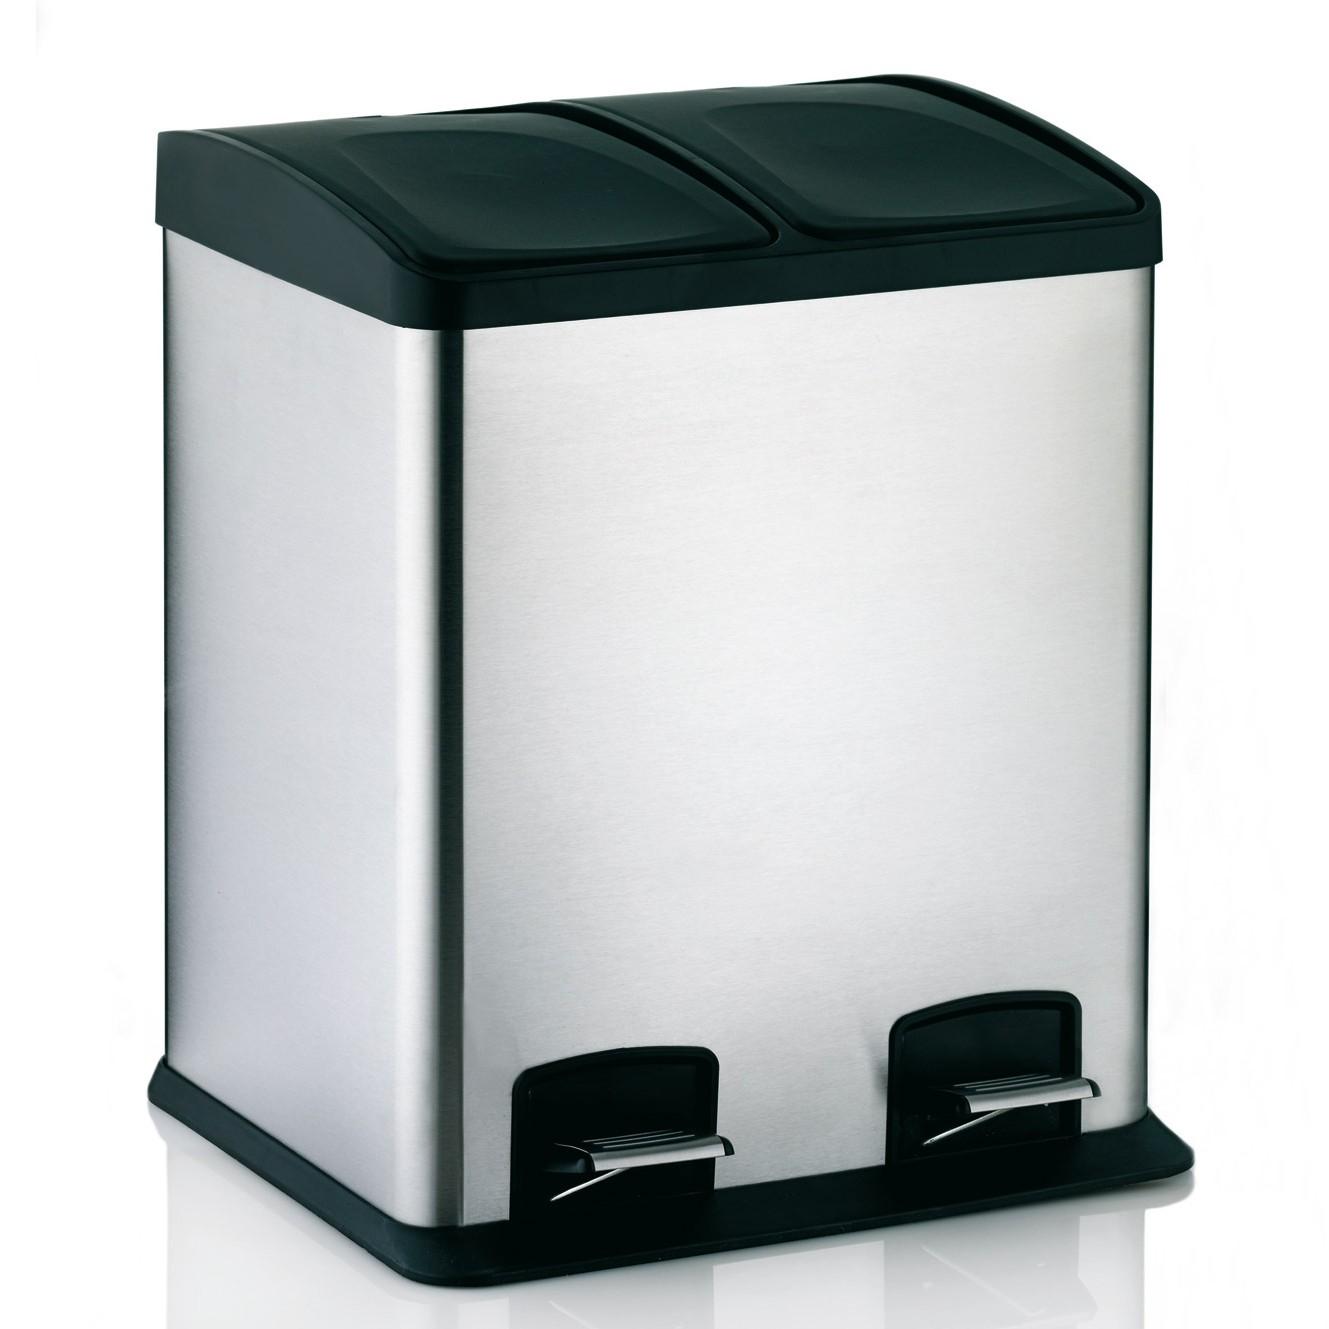 poubelle cuisine rectangulaire pedale uncategorized. Black Bedroom Furniture Sets. Home Design Ideas